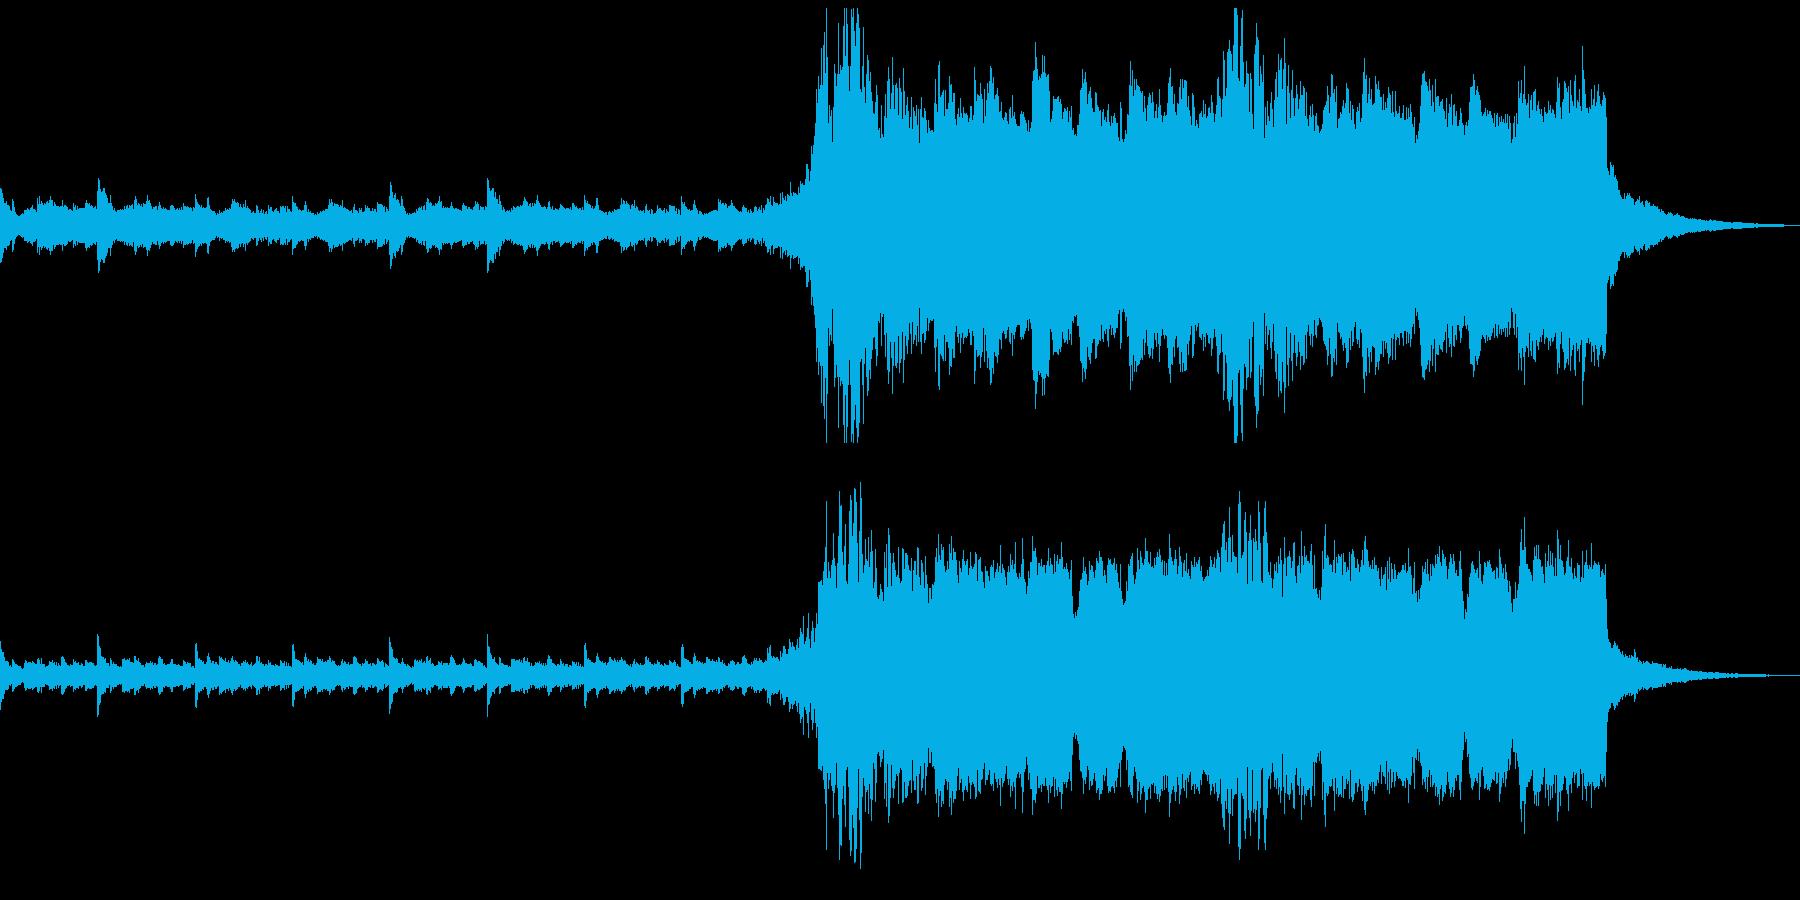 ホラー、サスペンス系のBGMの再生済みの波形